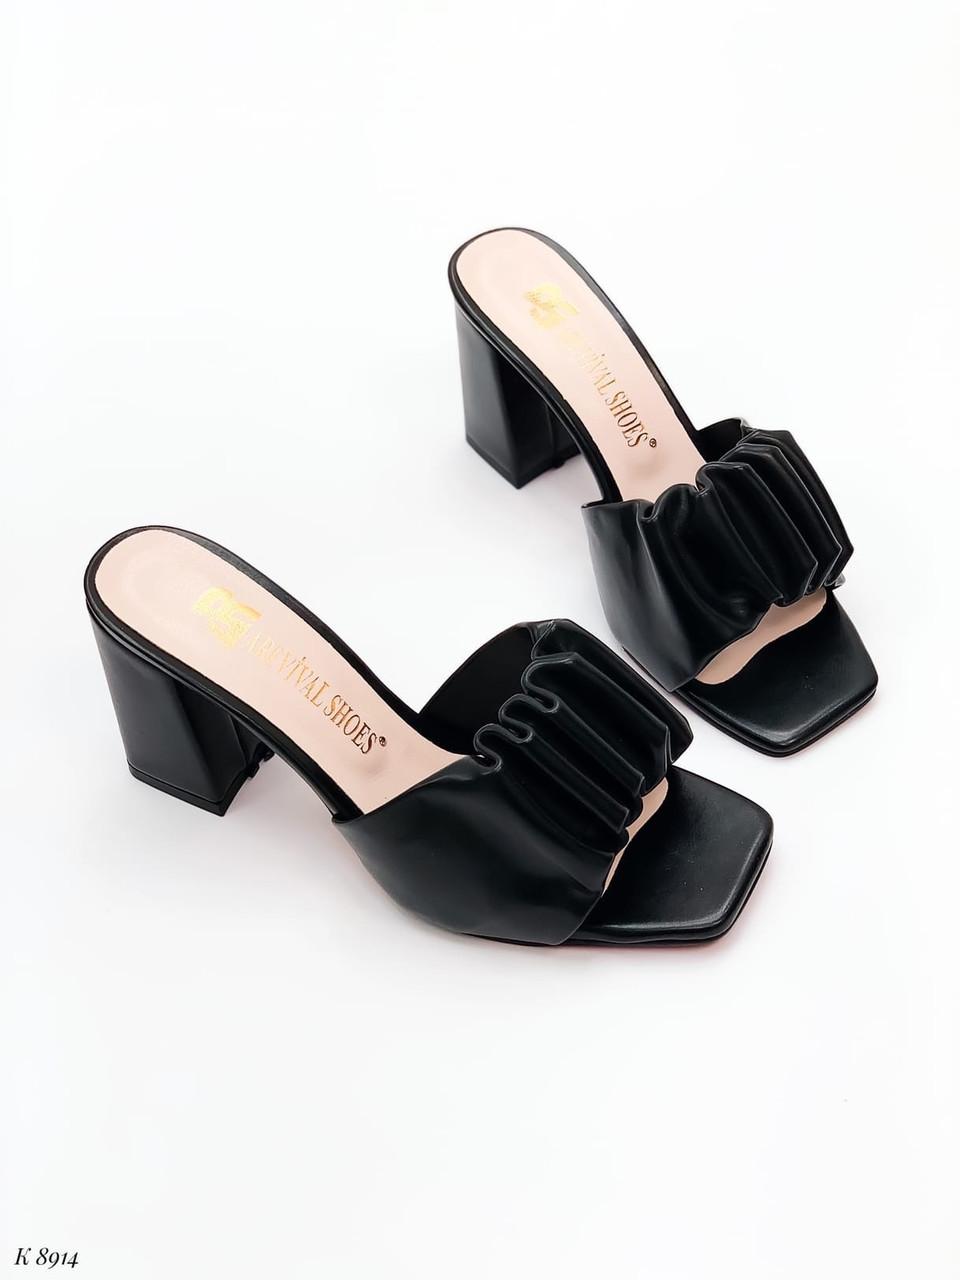 Шлепанцы / сабо женские черные на каблуке 9 см натуральная кожа